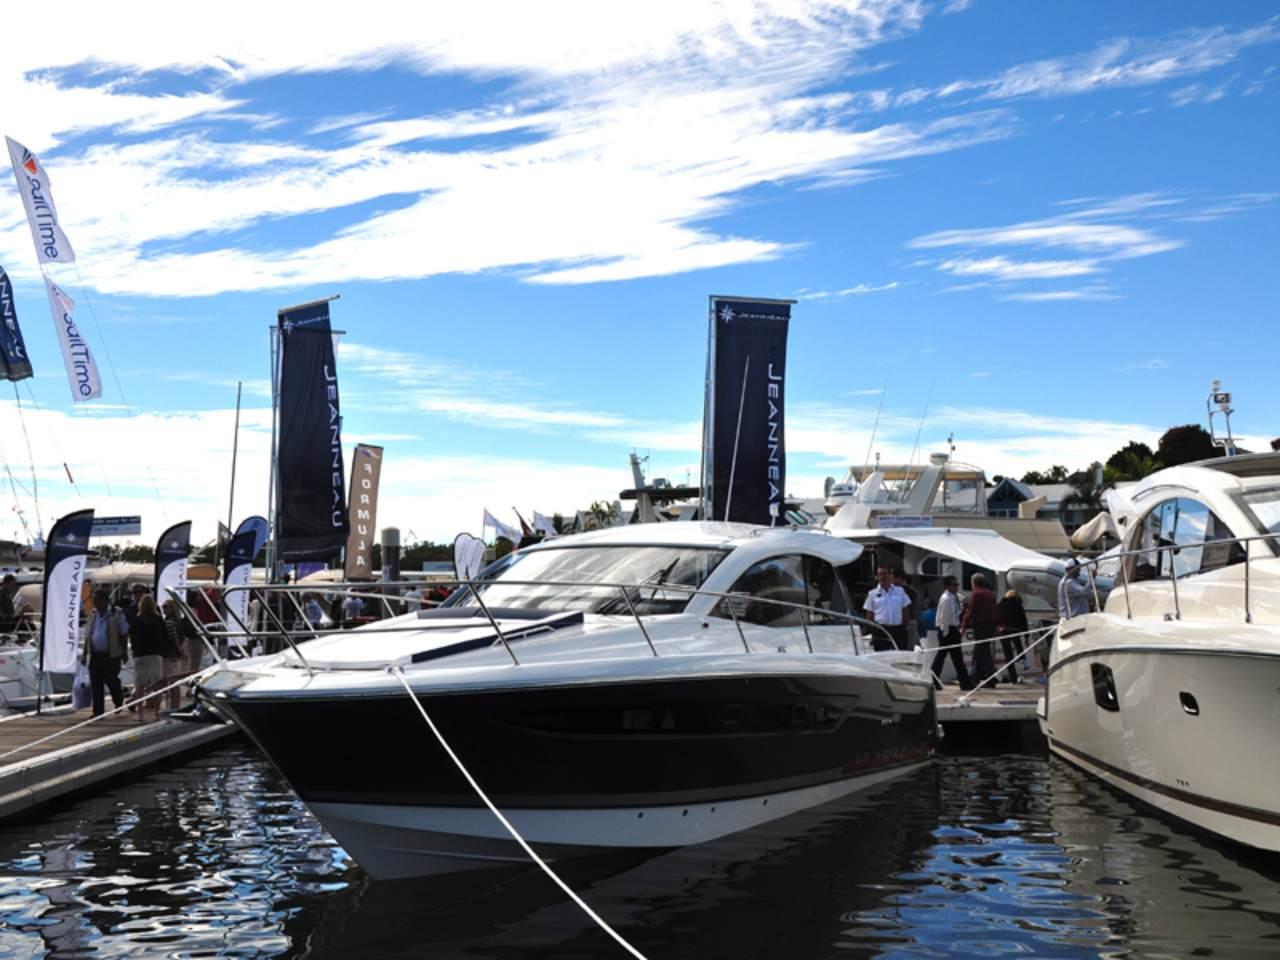 Prestige in Sanctuary Cove boat show 2012 4